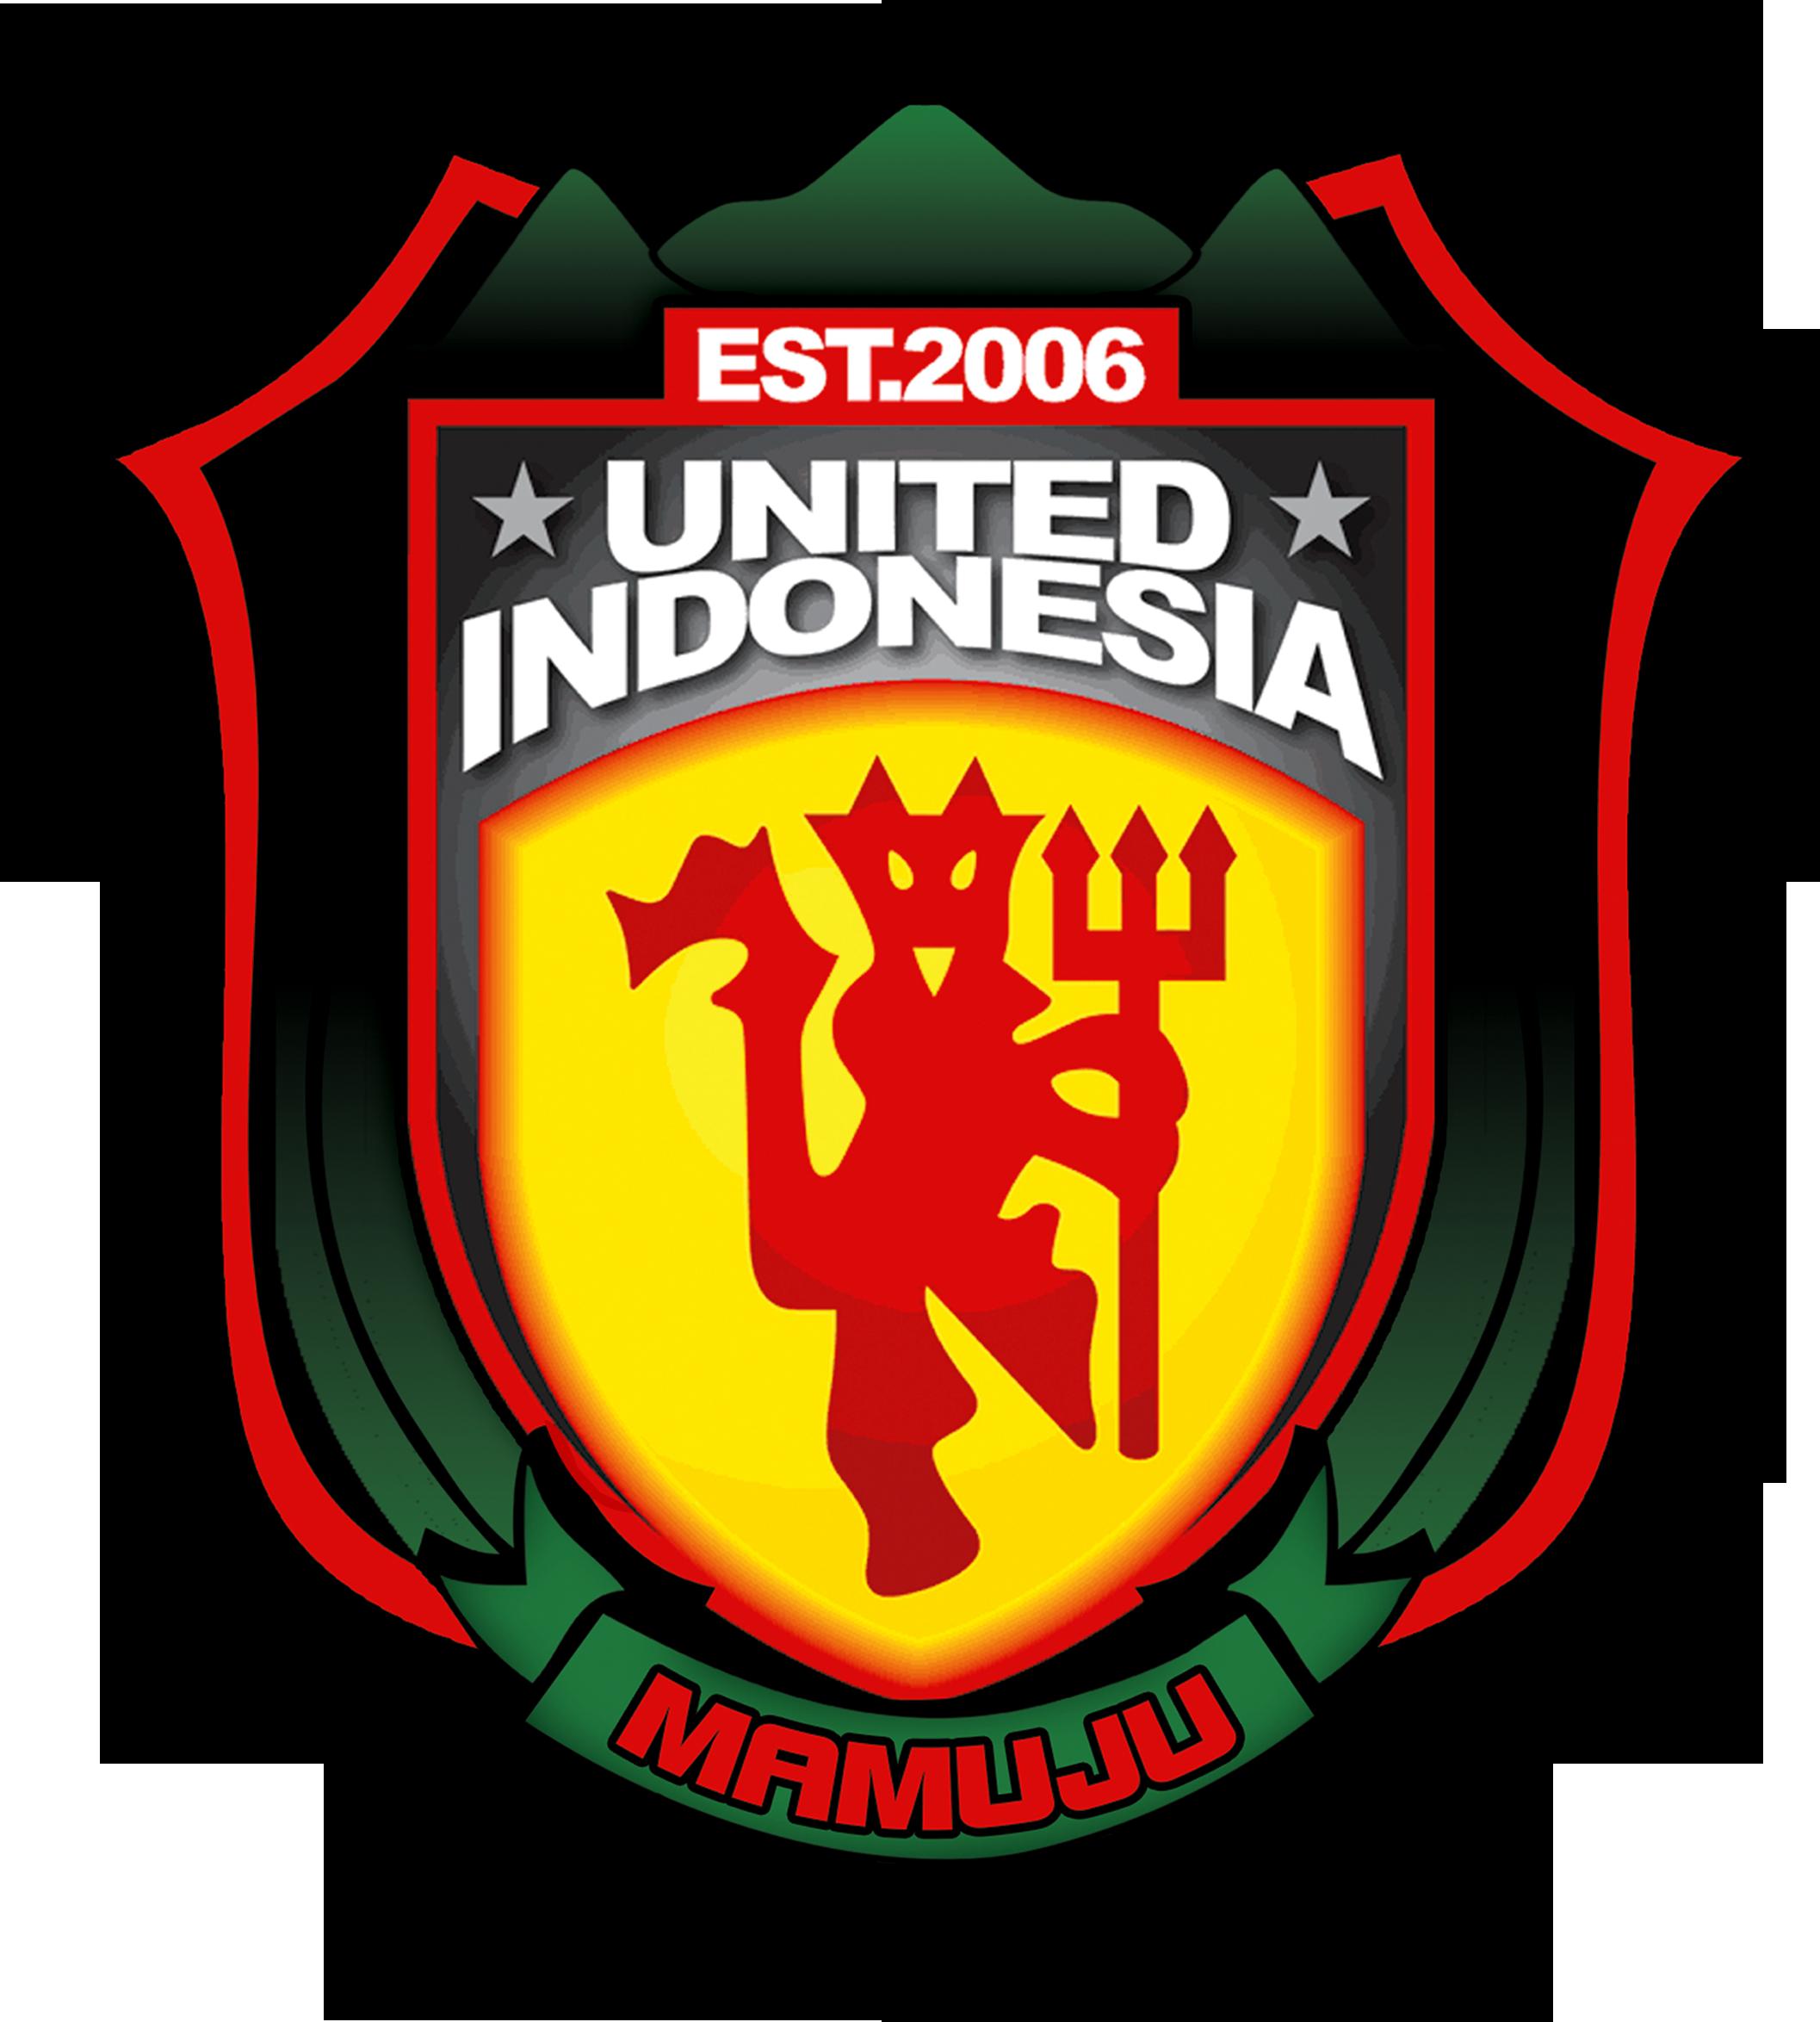 Logo united indonesia mamuju by tentuya on deviantart logo united indonesia mamuju by tentuya logo united indonesia mamuju by tentuya voltagebd Images